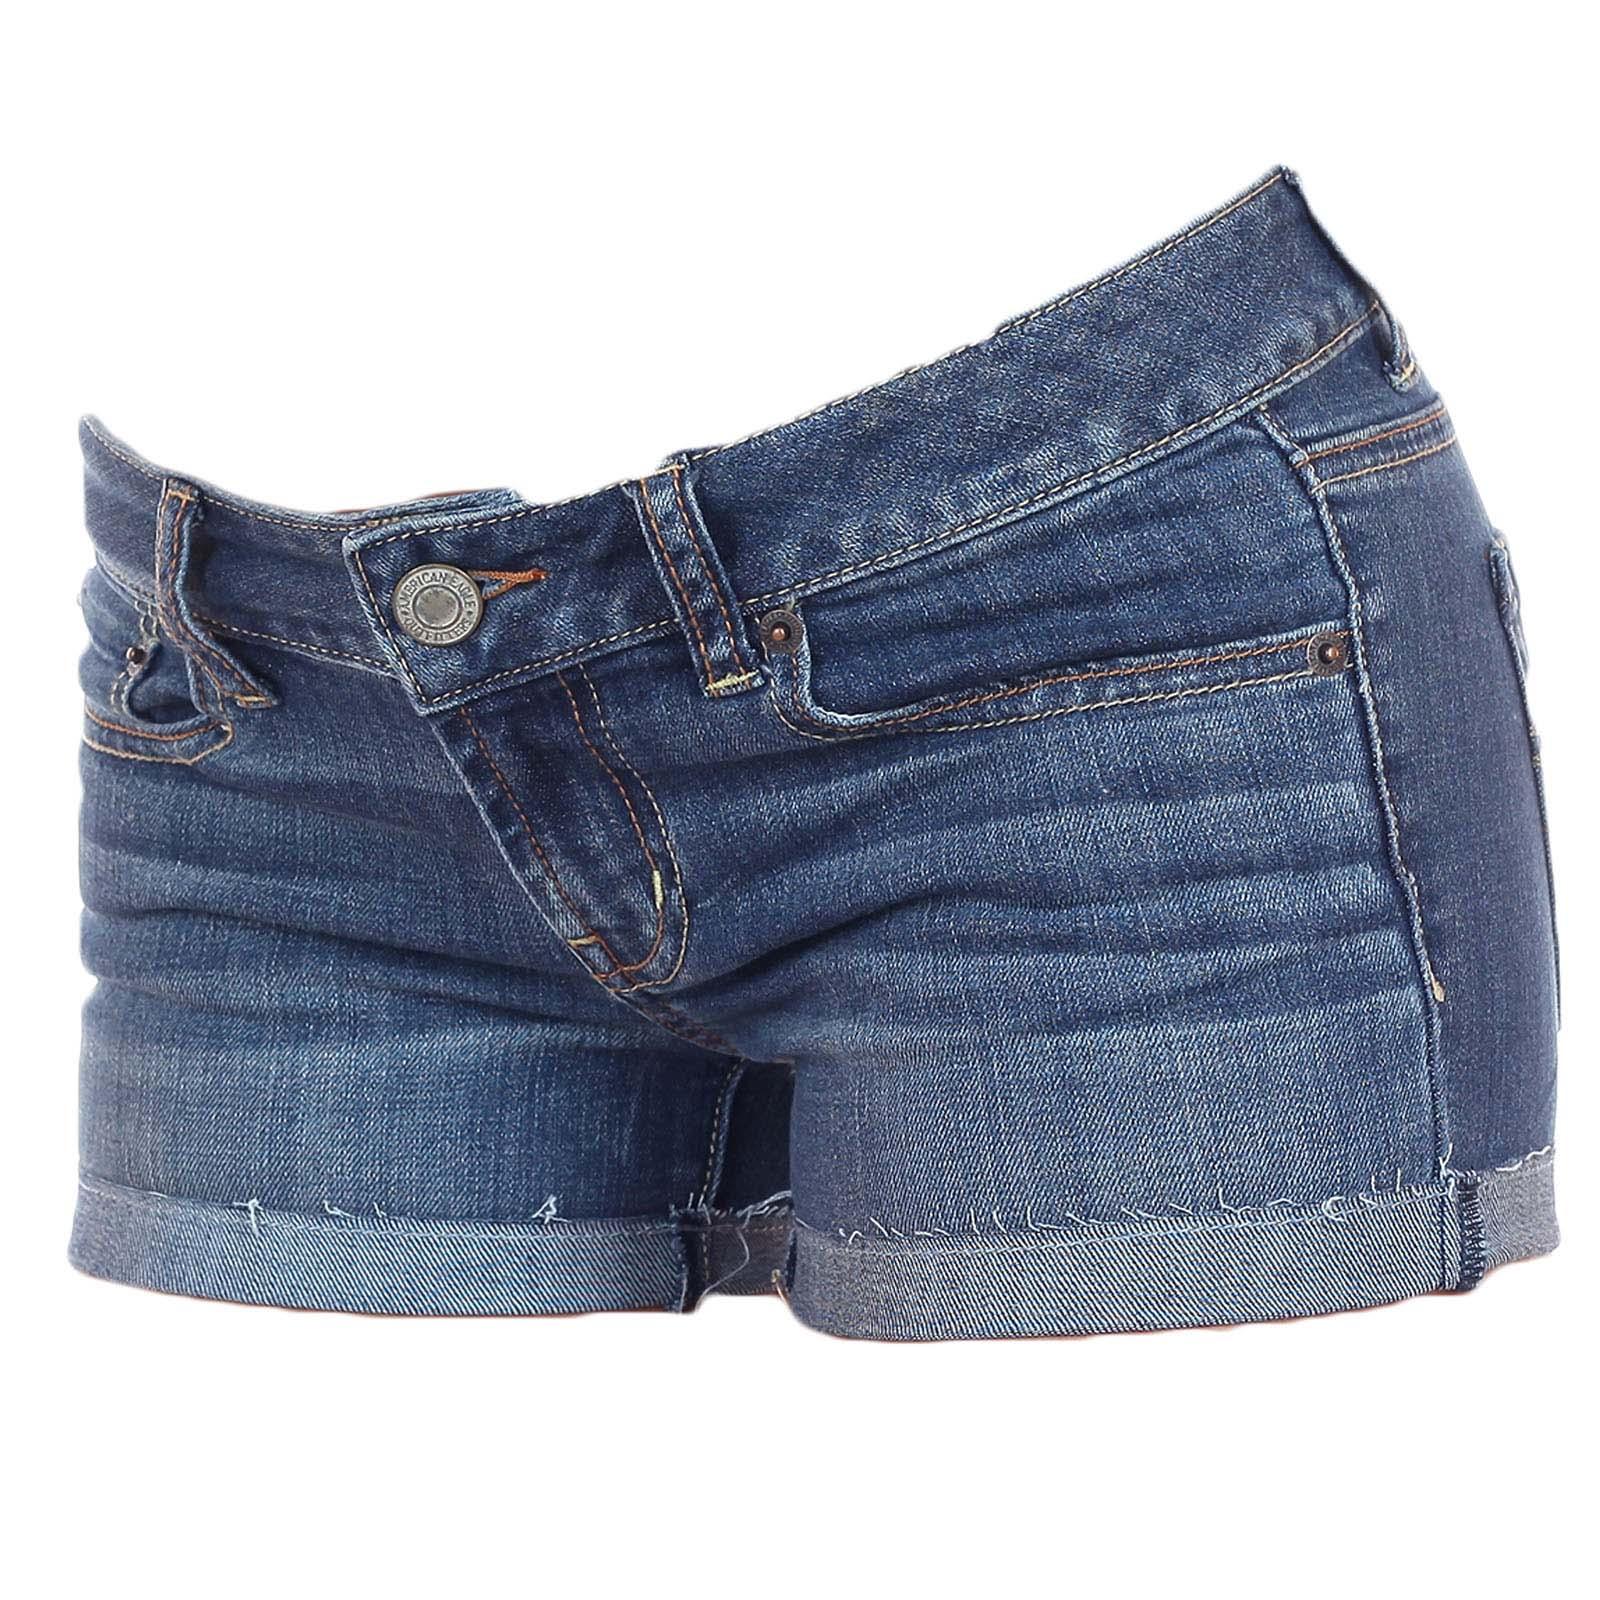 Купить секси-шортики от American Eagle®, жемчужина гардероба дерзкой богини стиля. Зажигают этим летом пышнотелые красотки!